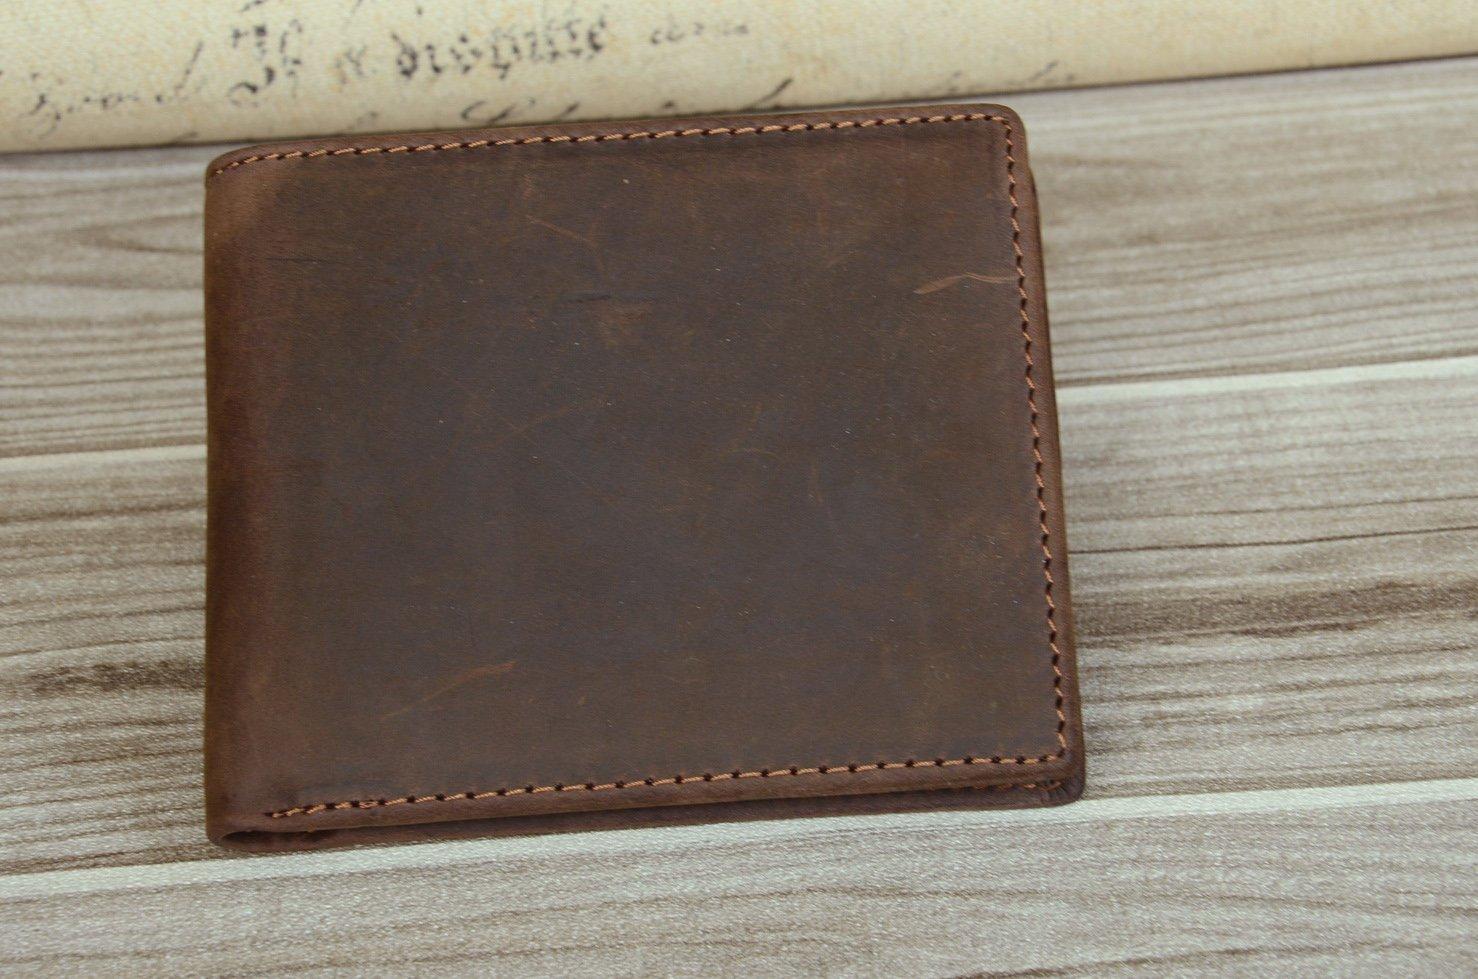 68198cd78cd86 Mens Wallet